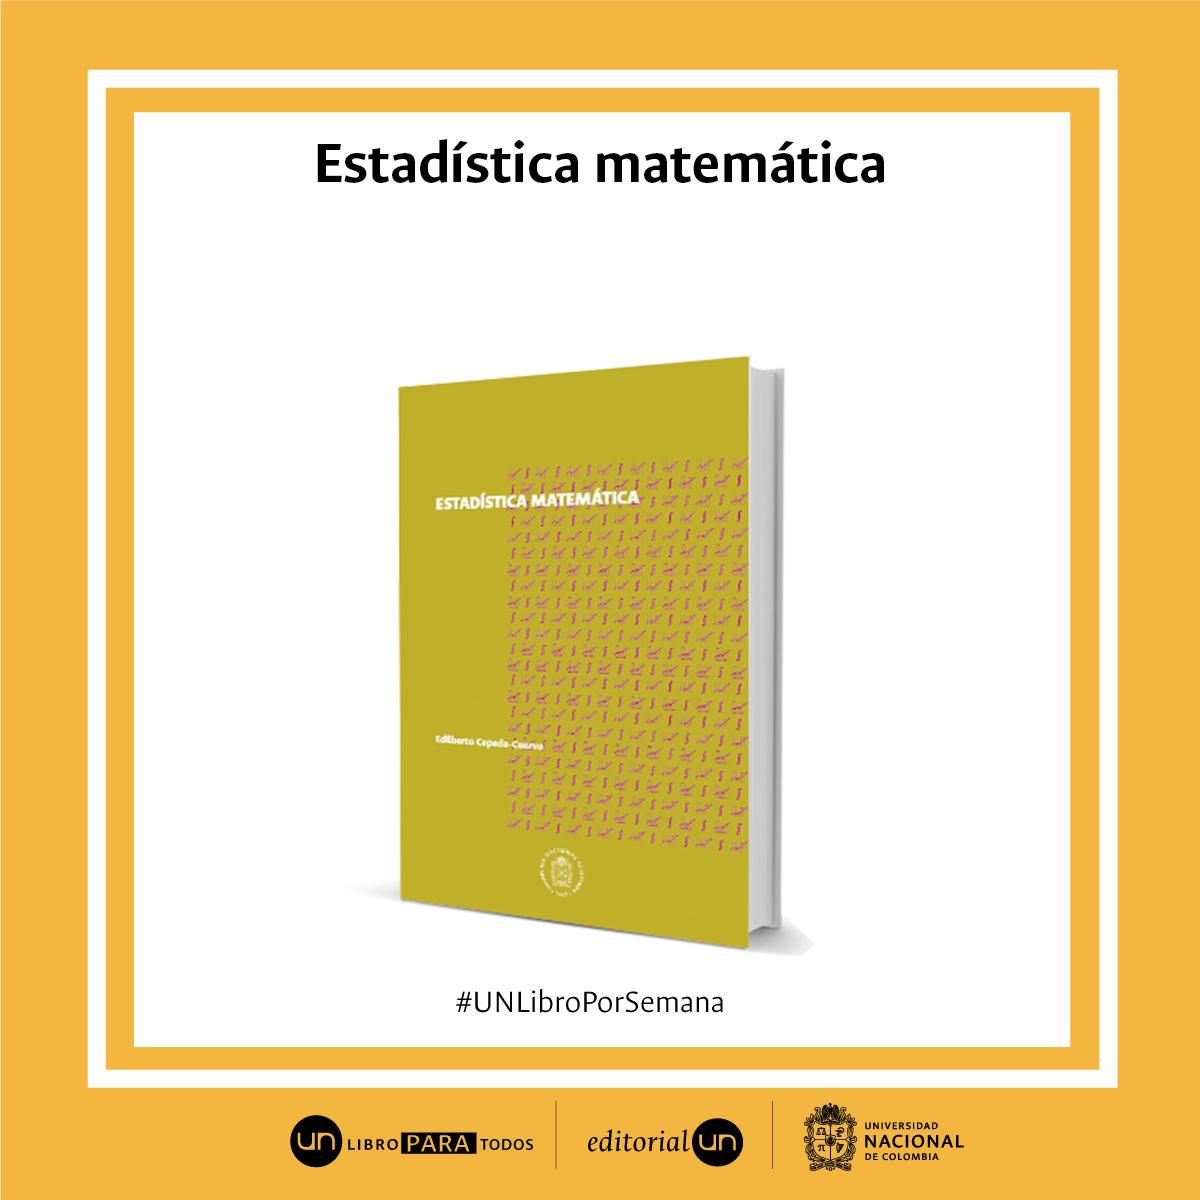 #UNlibroporsemana 'Estadística matemática'